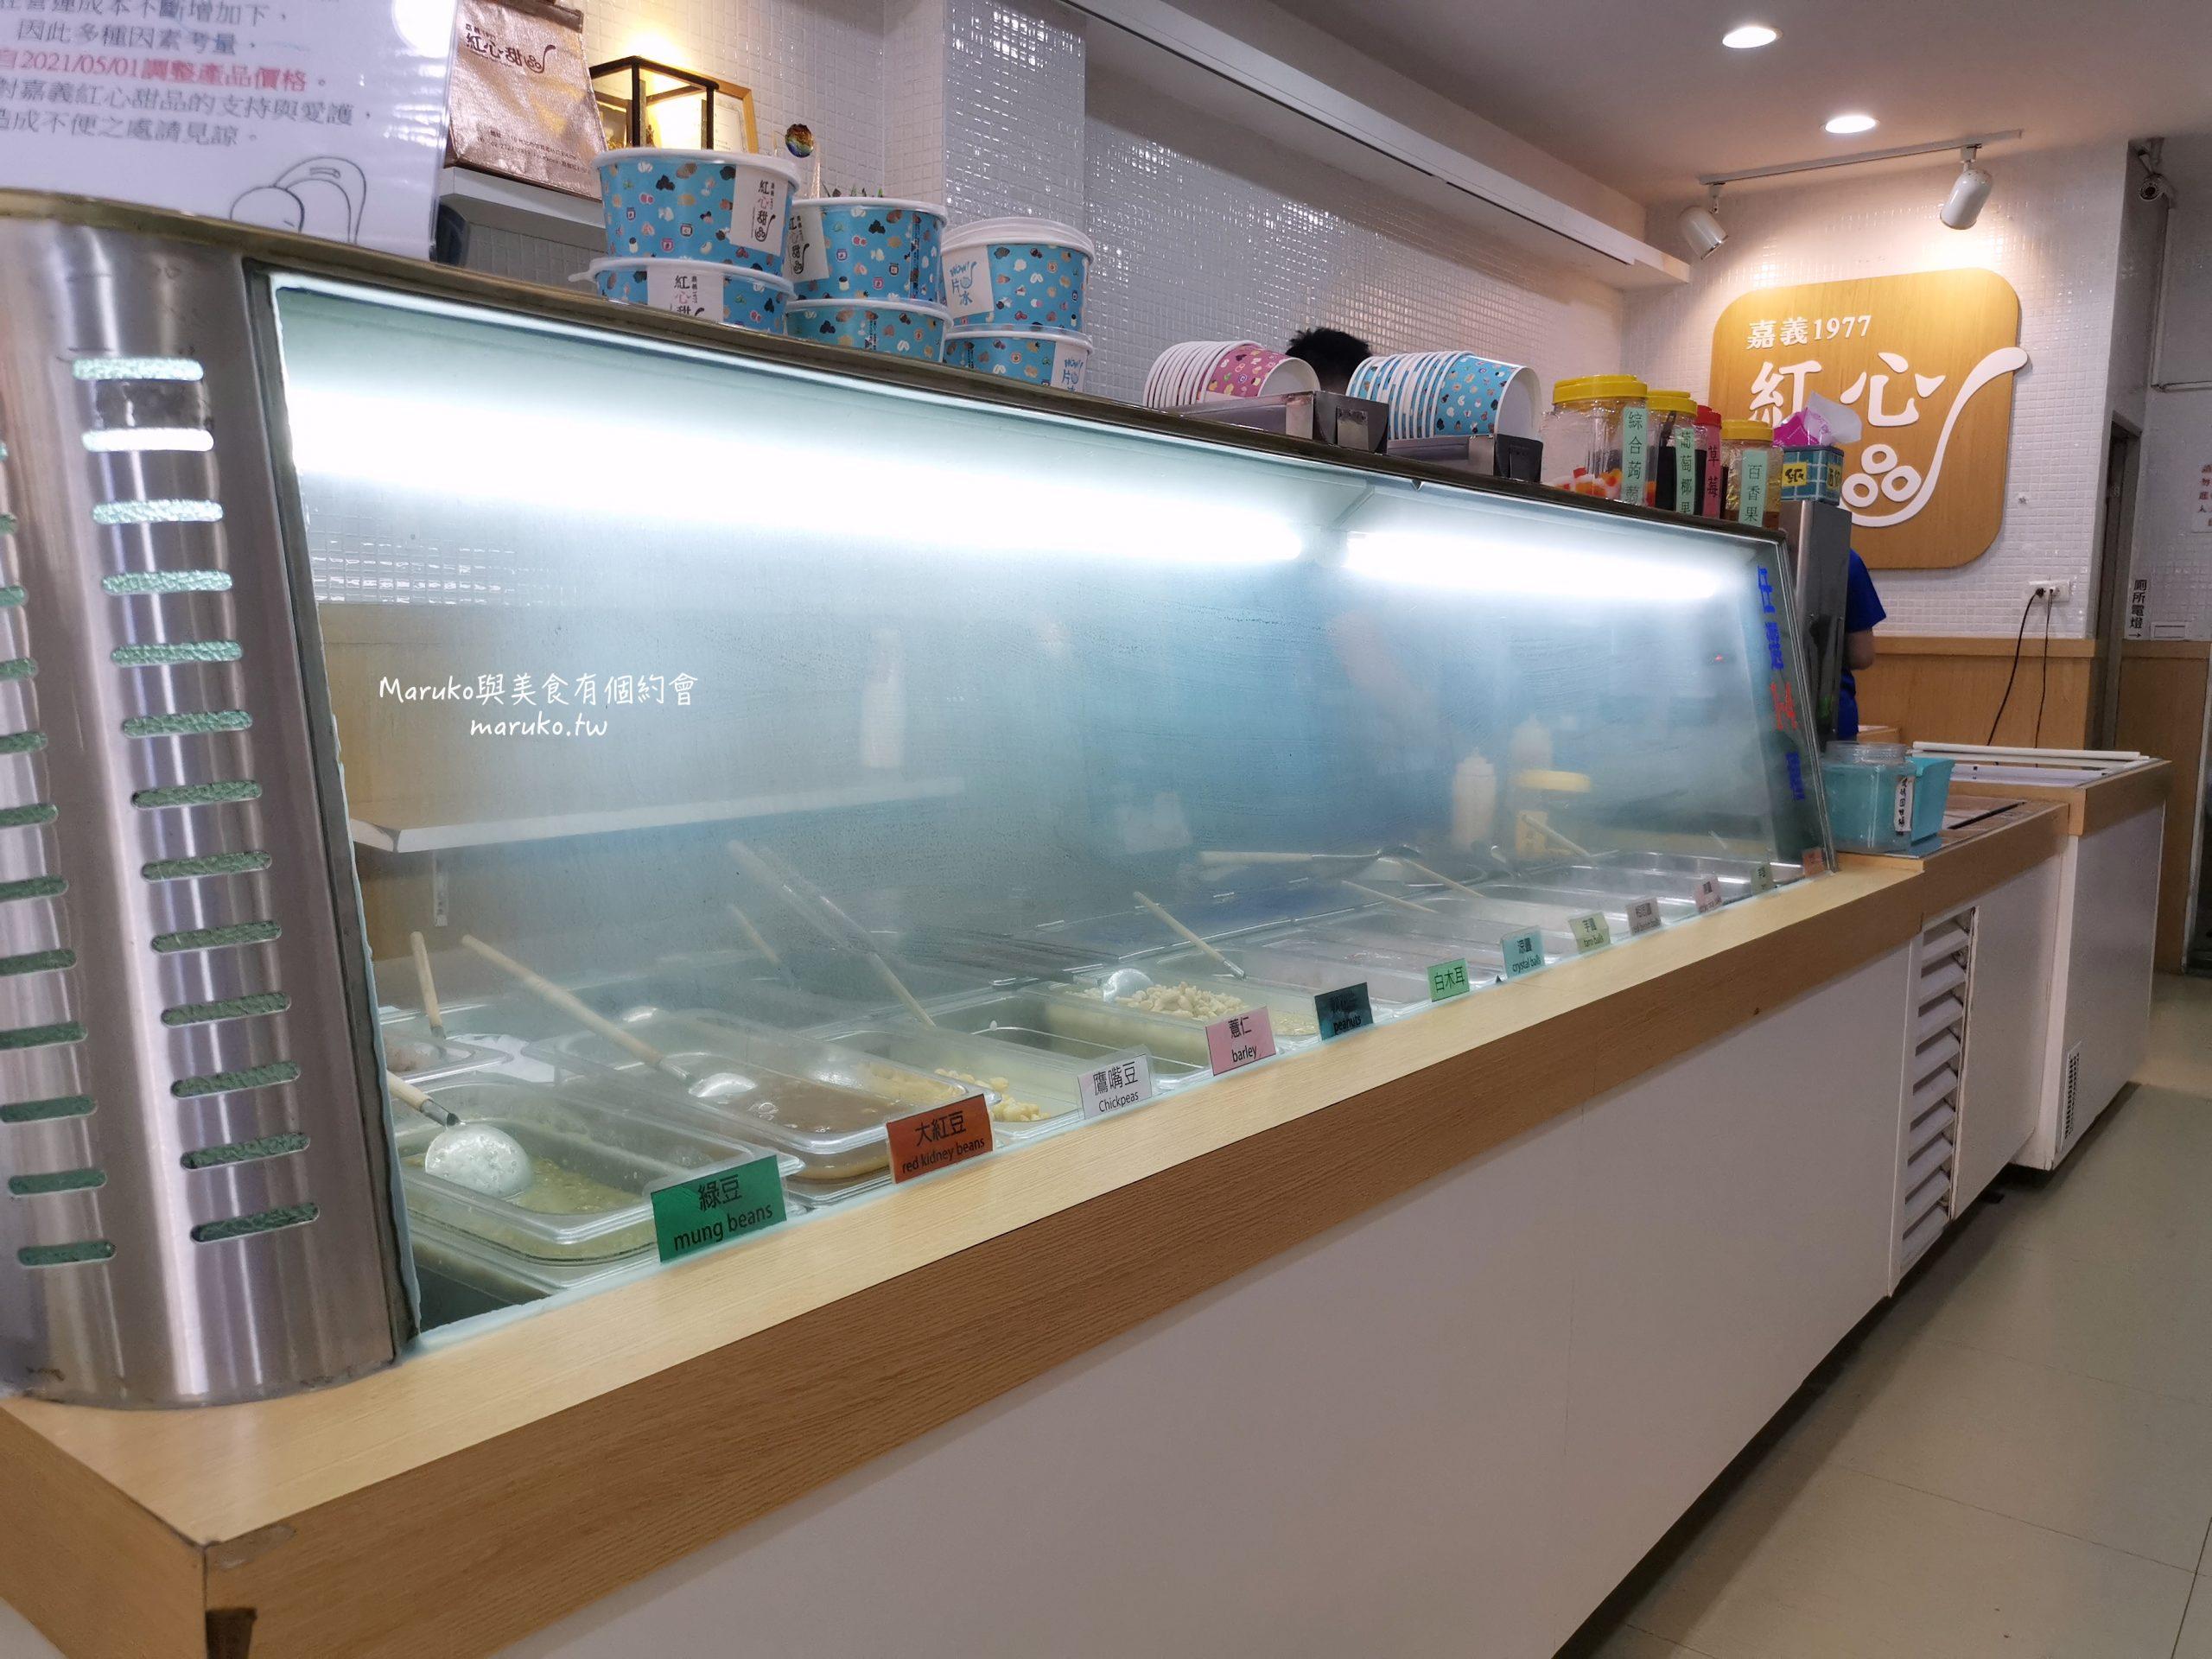 【台北】嘉義紅心甜品/黑糖雪片冰才正點/捷運永春站冰品推薦 @Maruko與美食有個約會